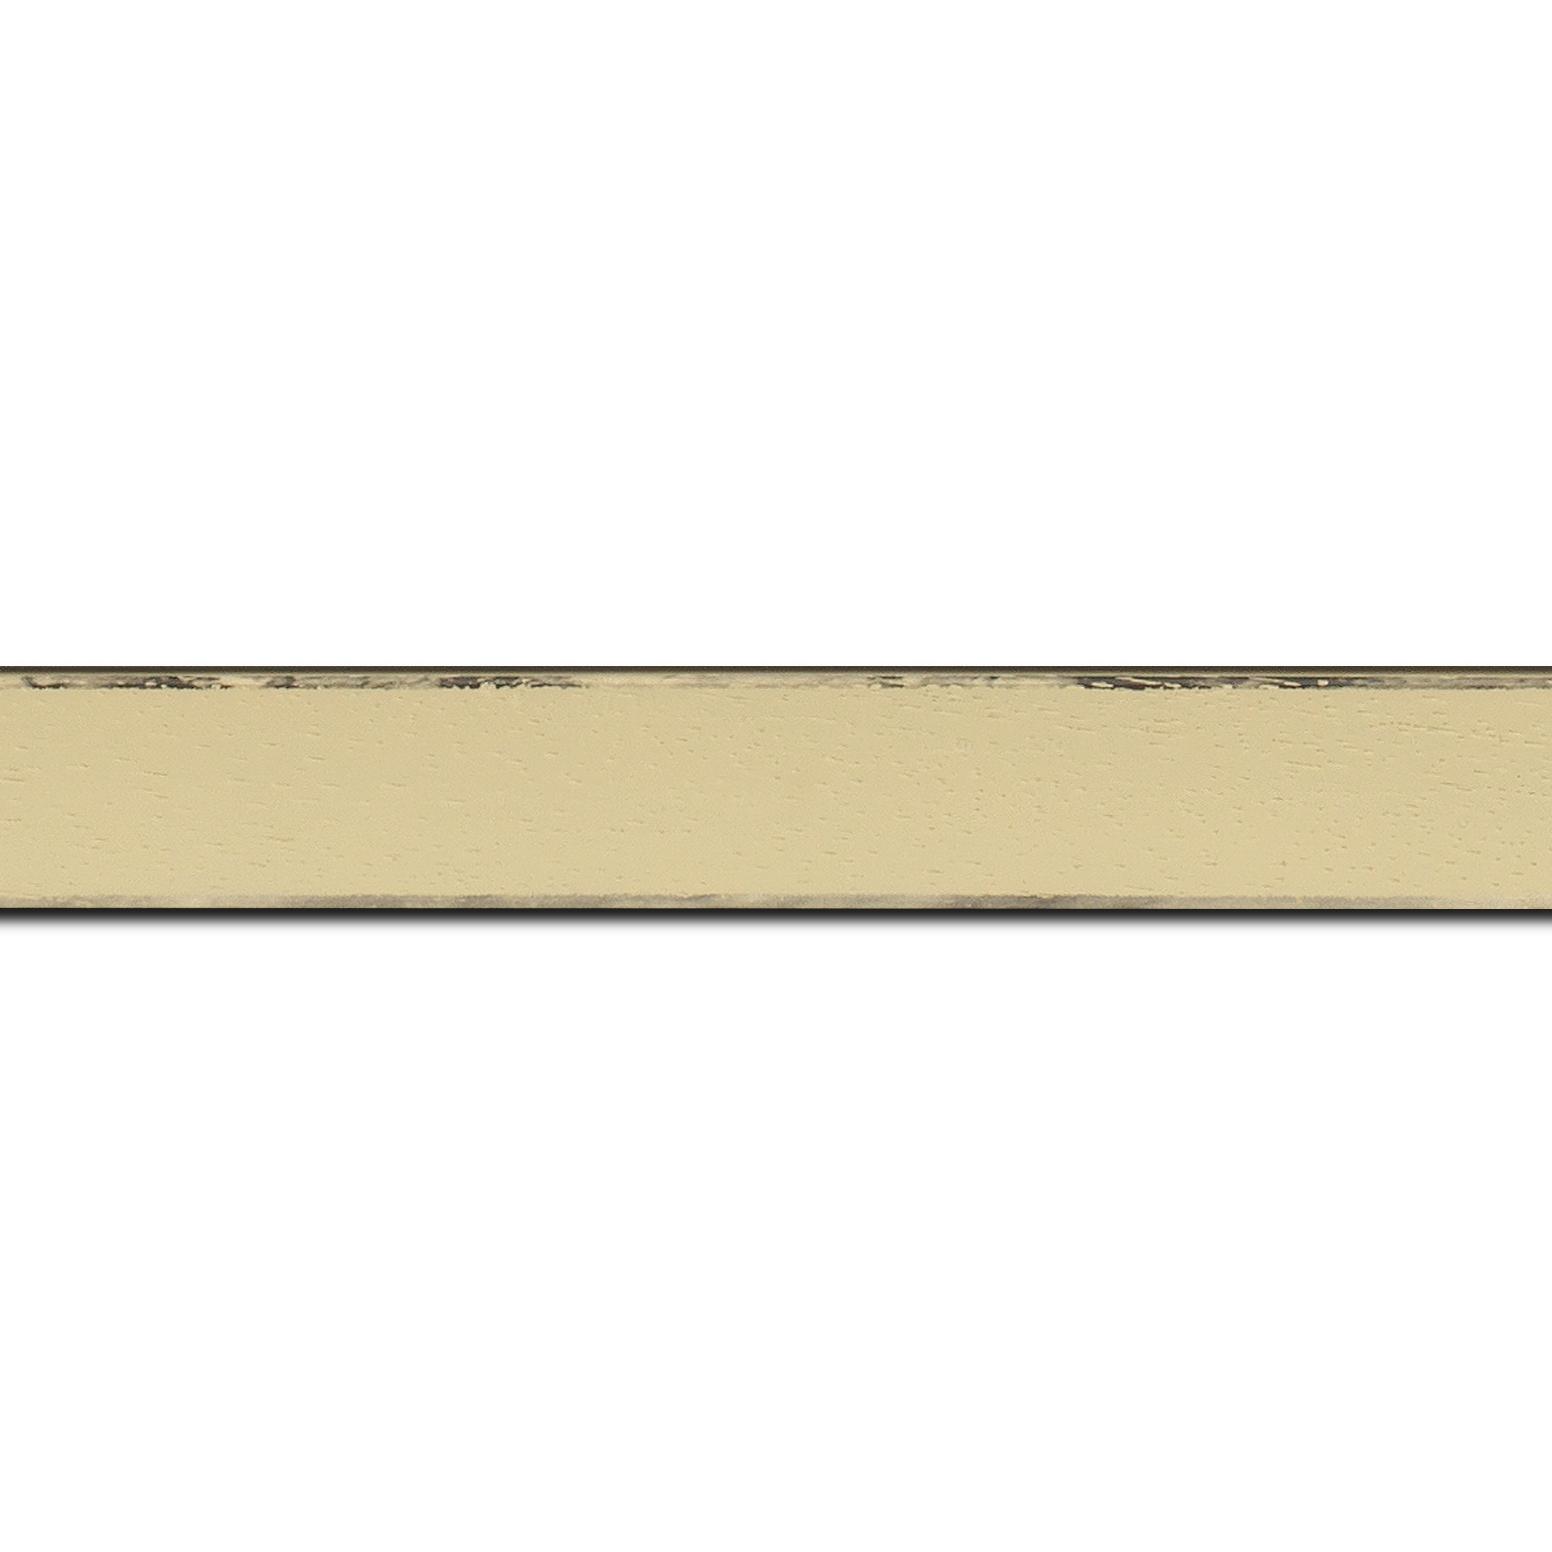 Baguette longueur 1.40m bois profil concave largeur 2.4cm couleur ivoire  satiné  arêtes essuyés noircies de chaque coté